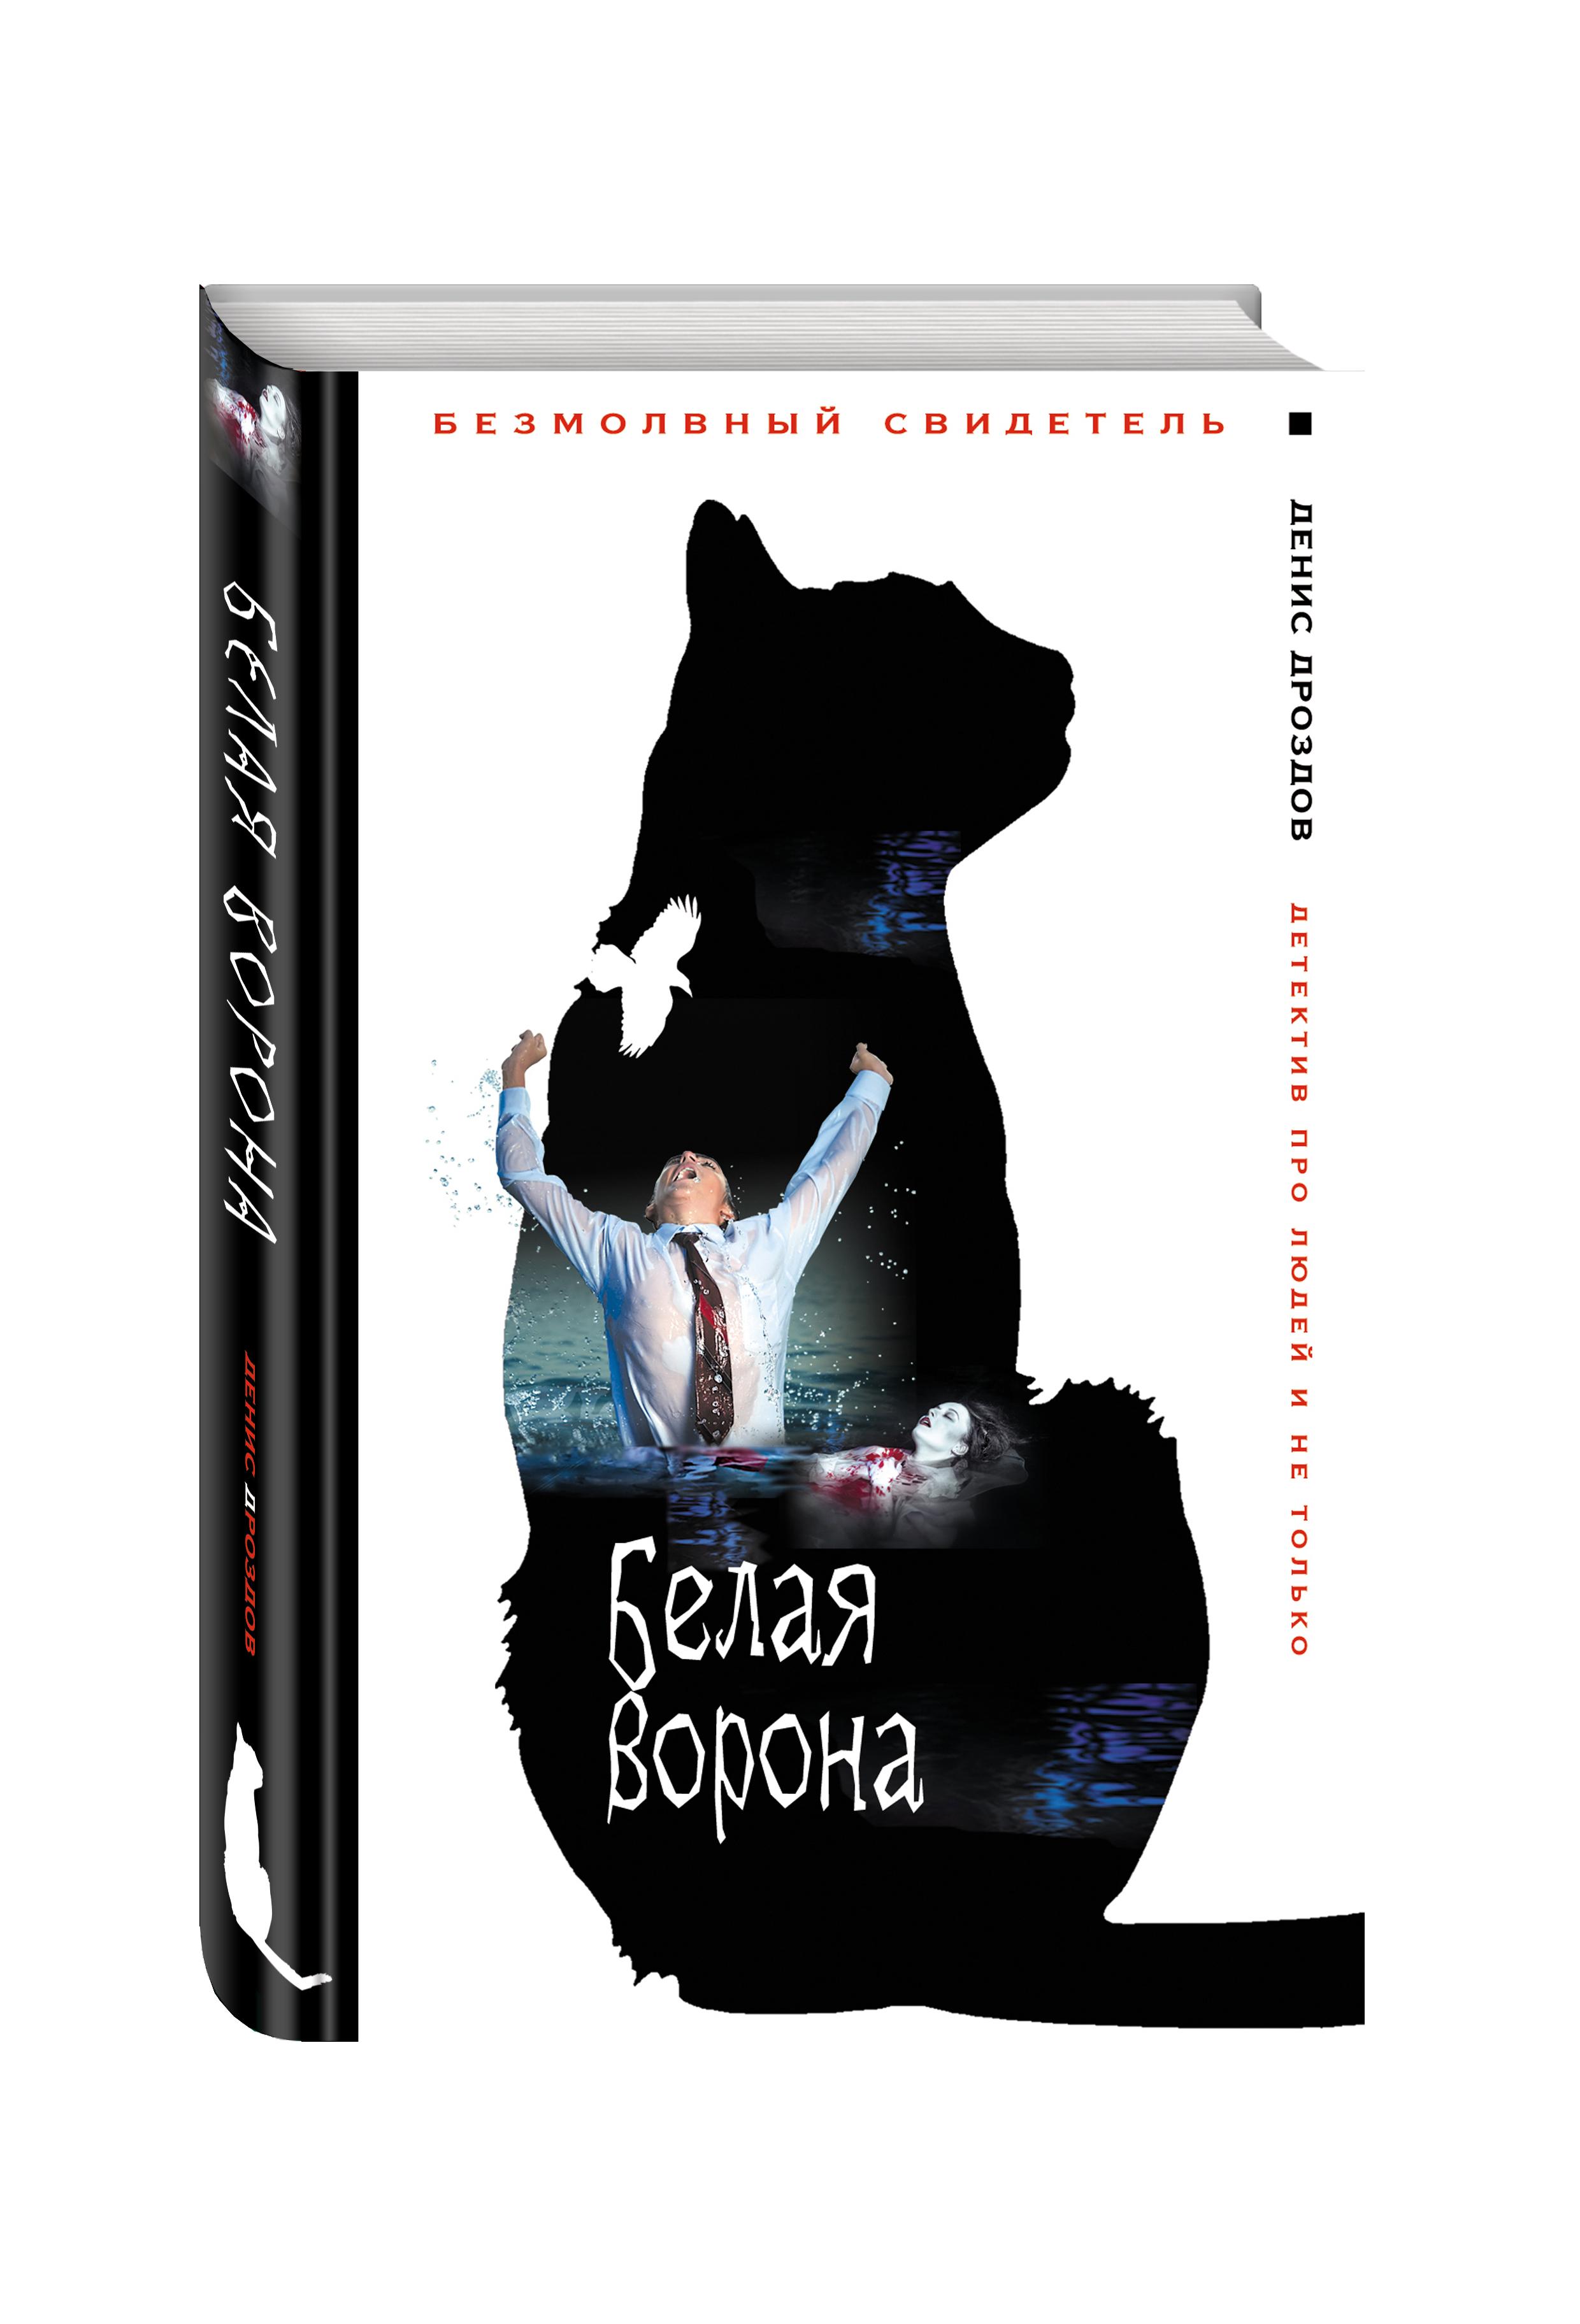 Дроздов Д. Белая ворона